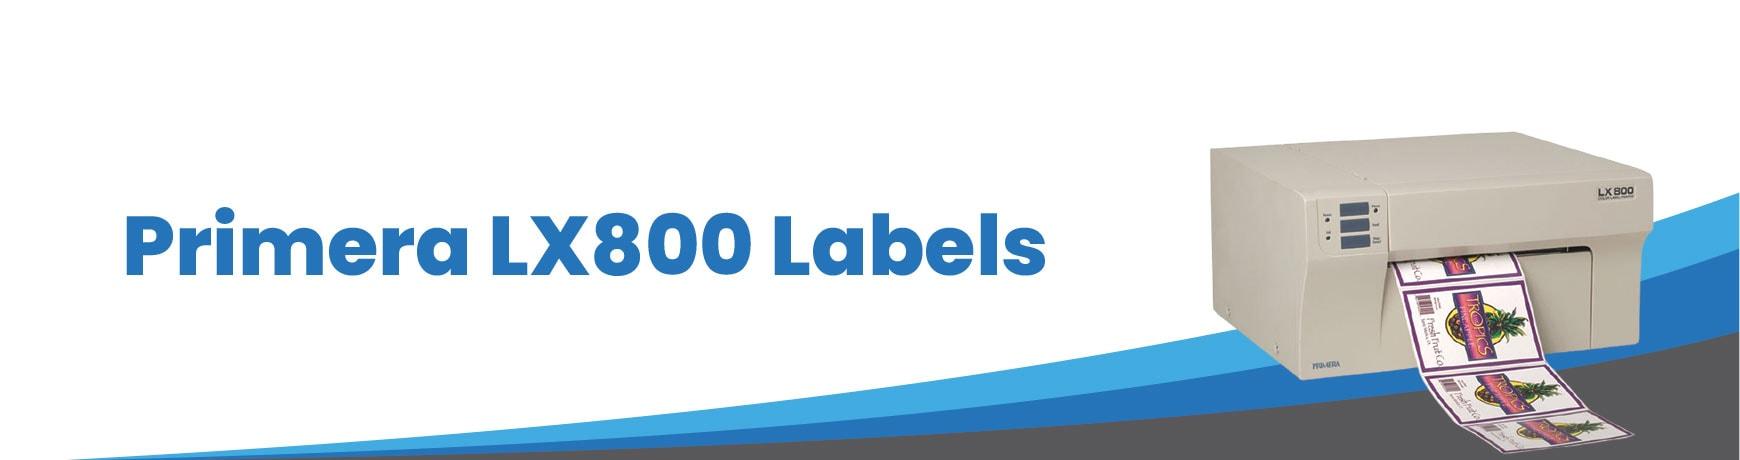 Primera LX800 Labels